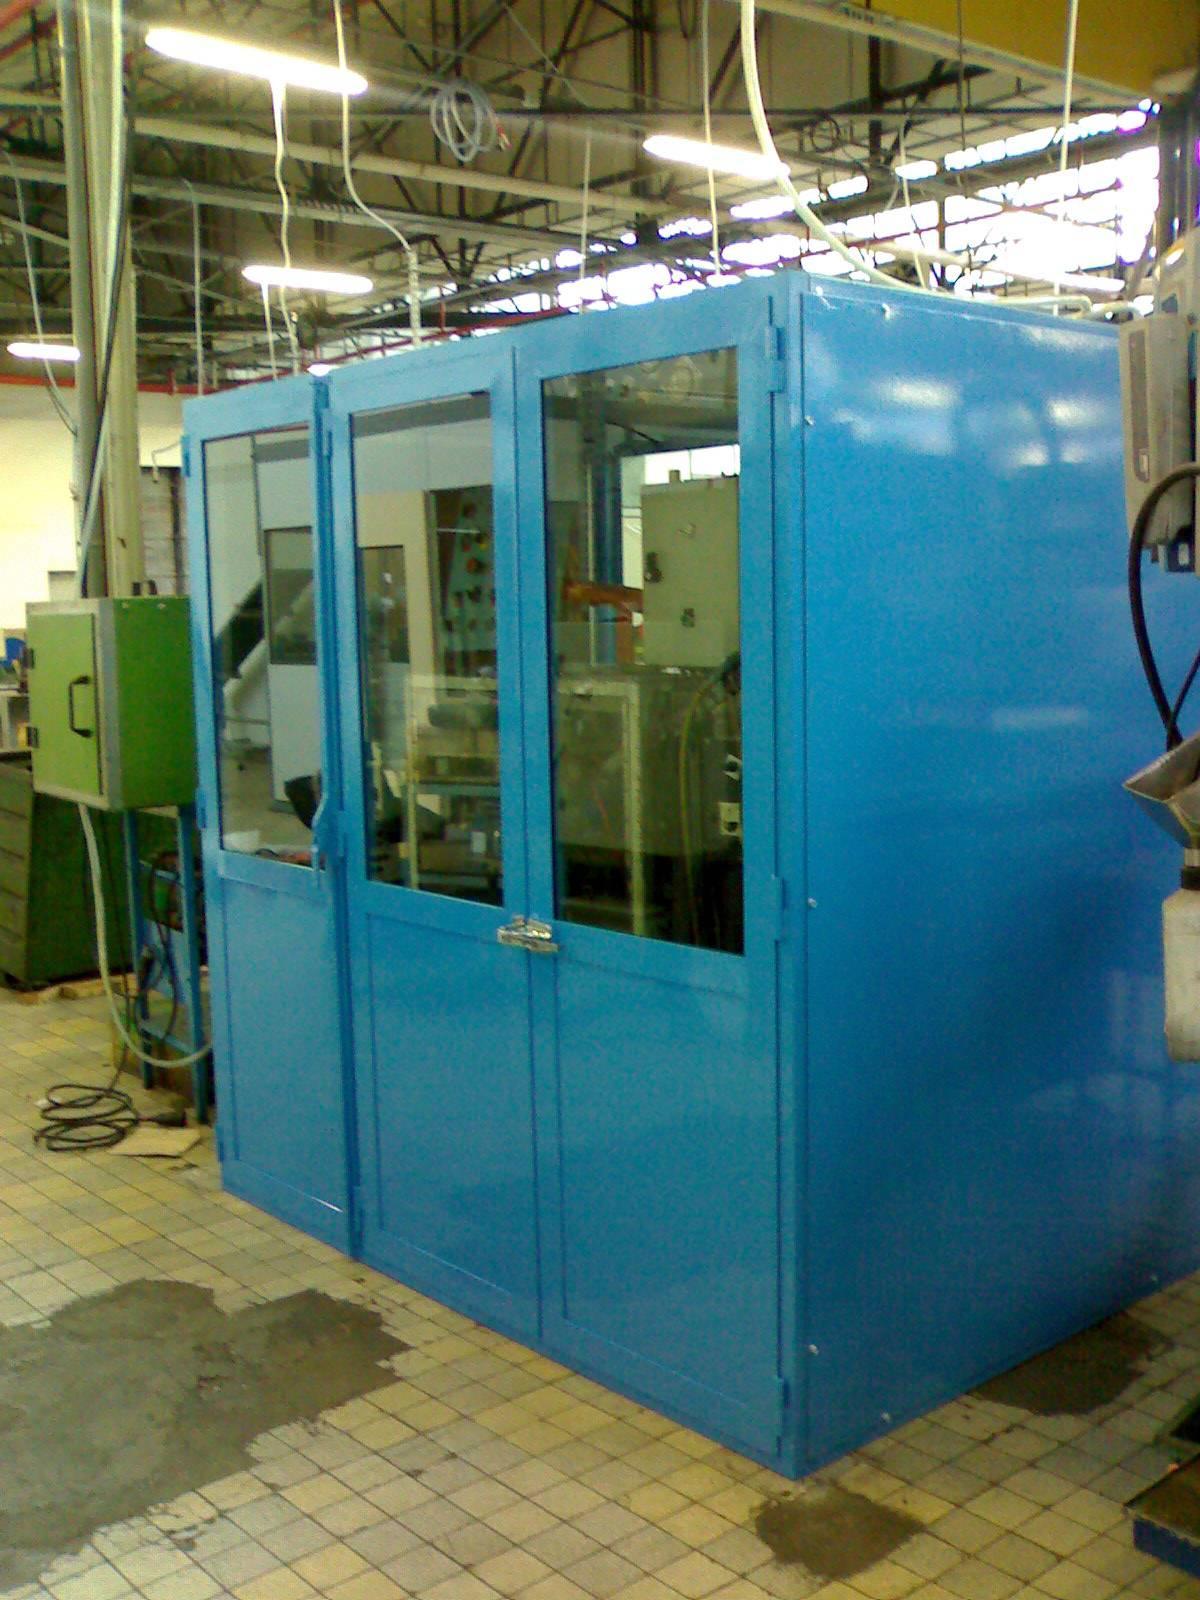 cabine acoustique en milieu industriel